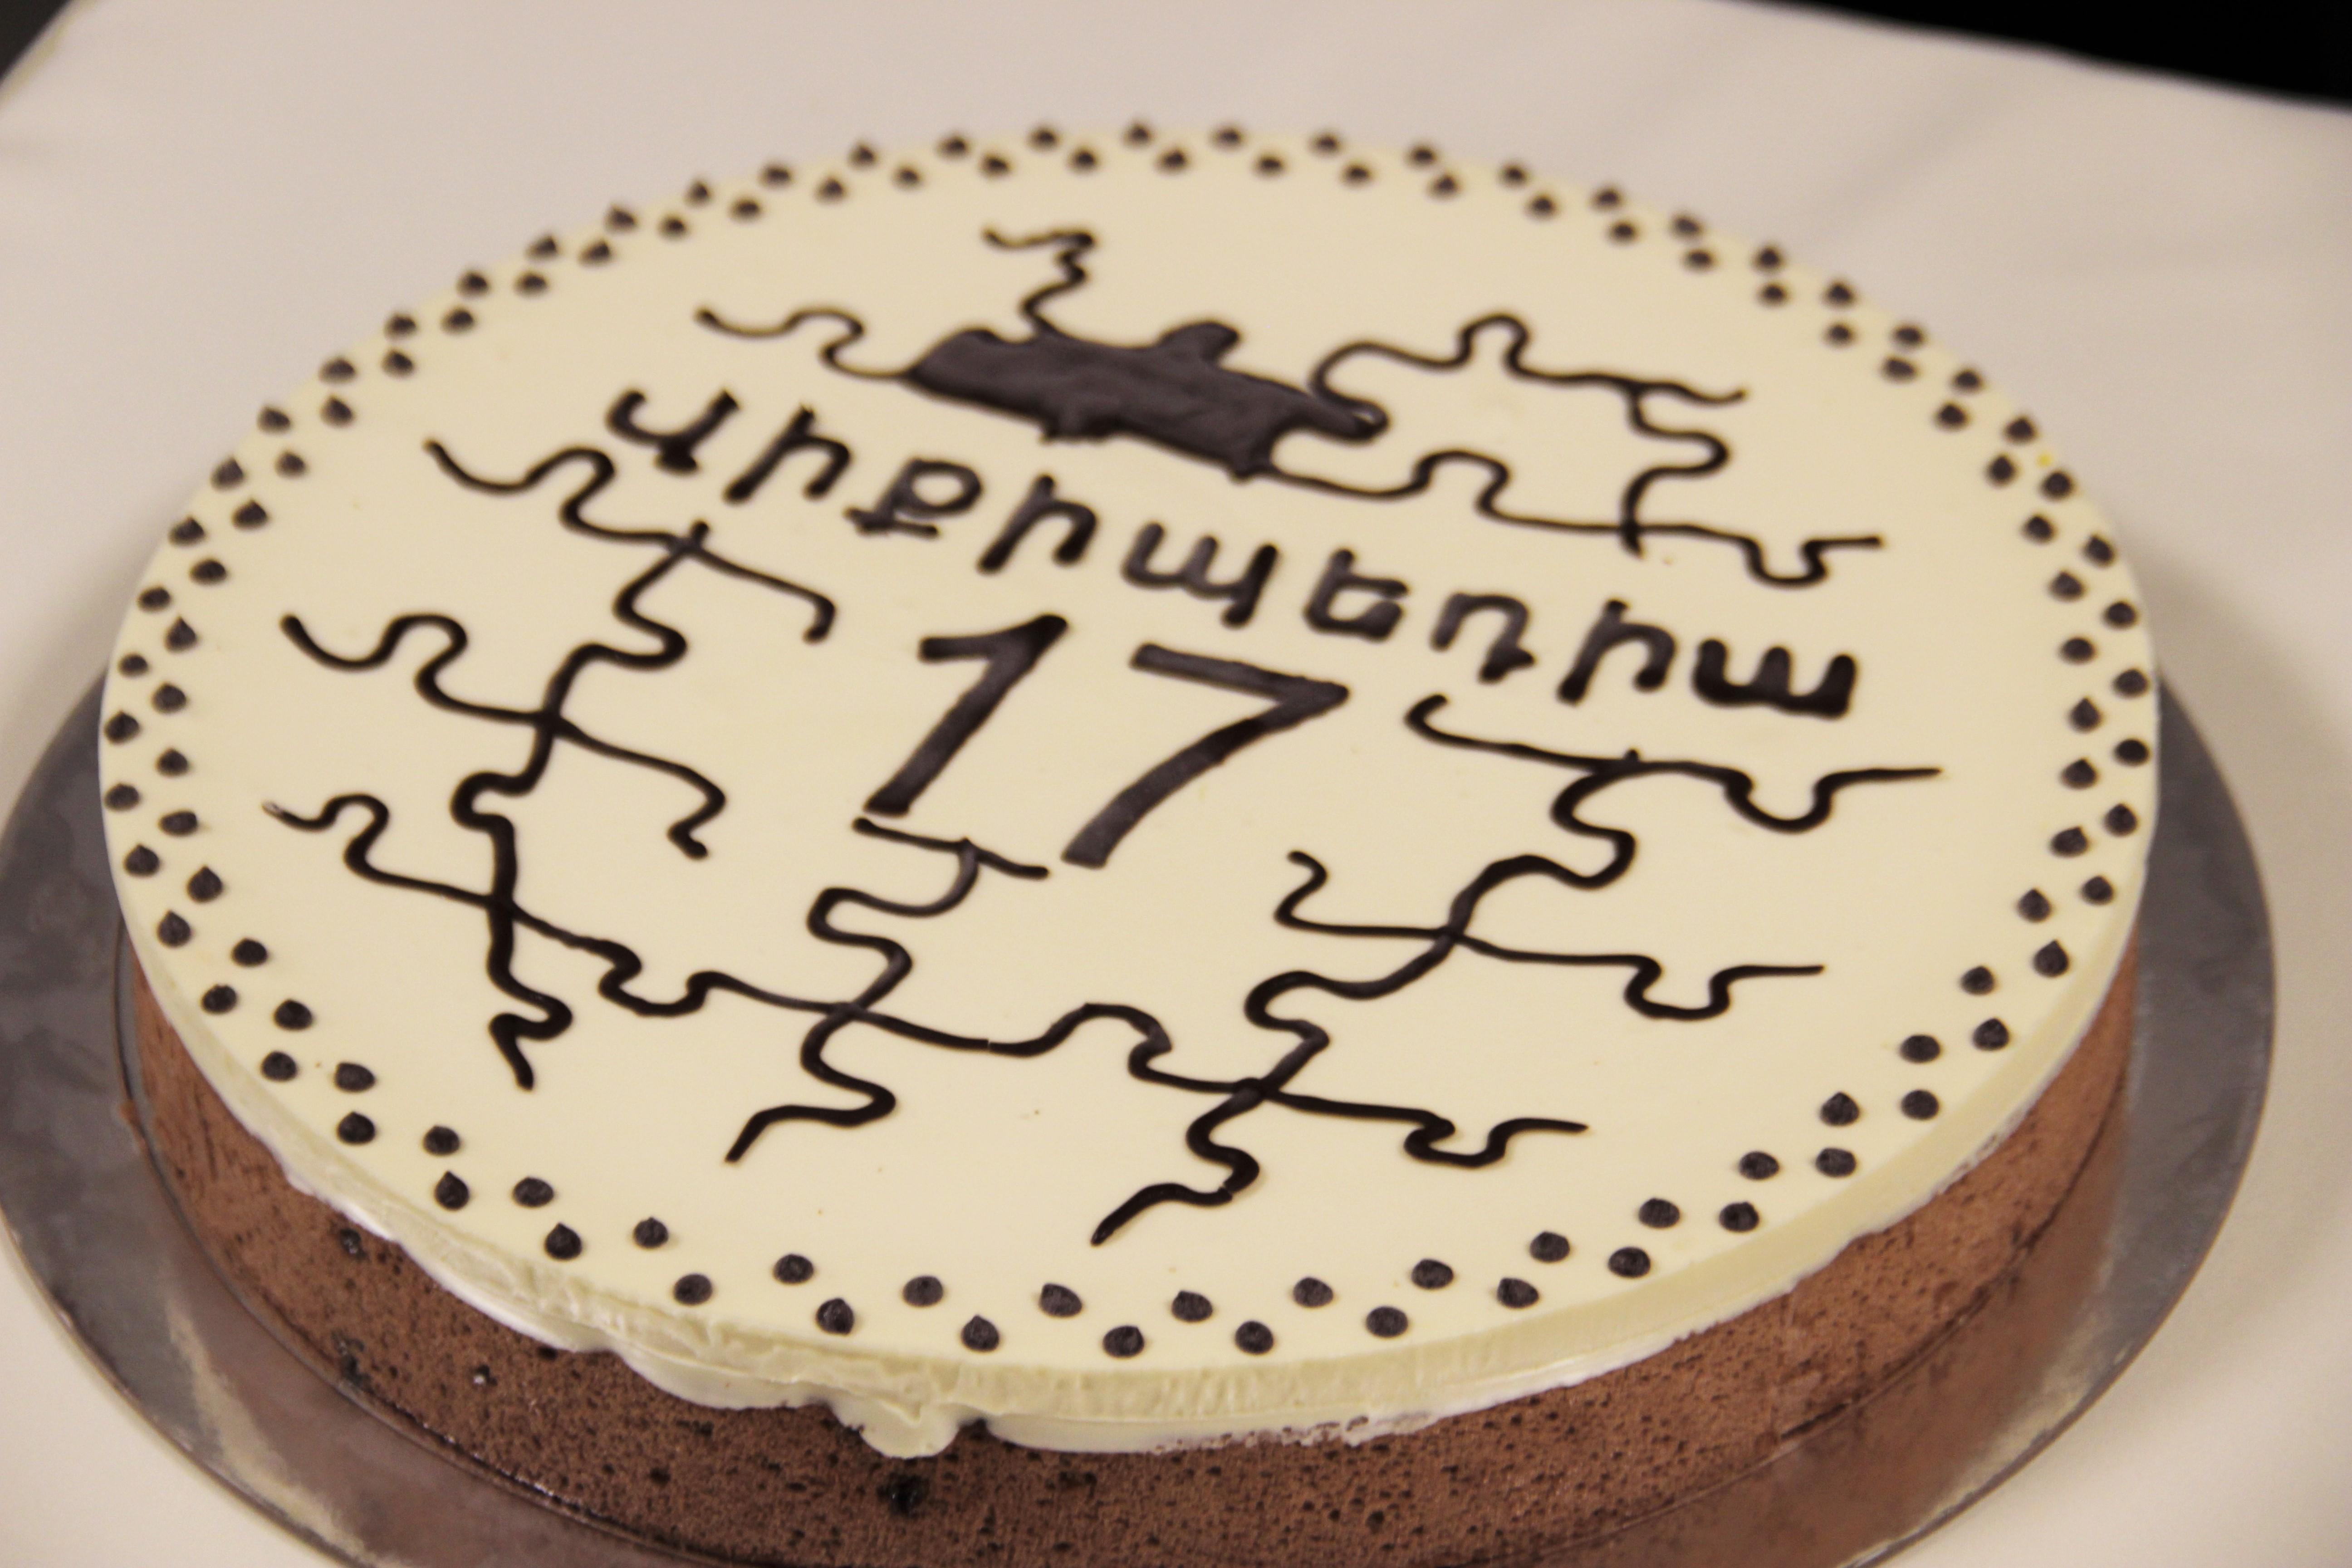 Swell File Armenian Wiki Birthday Cake 2018 Wikimedia Commons Funny Birthday Cards Online Aeocydamsfinfo